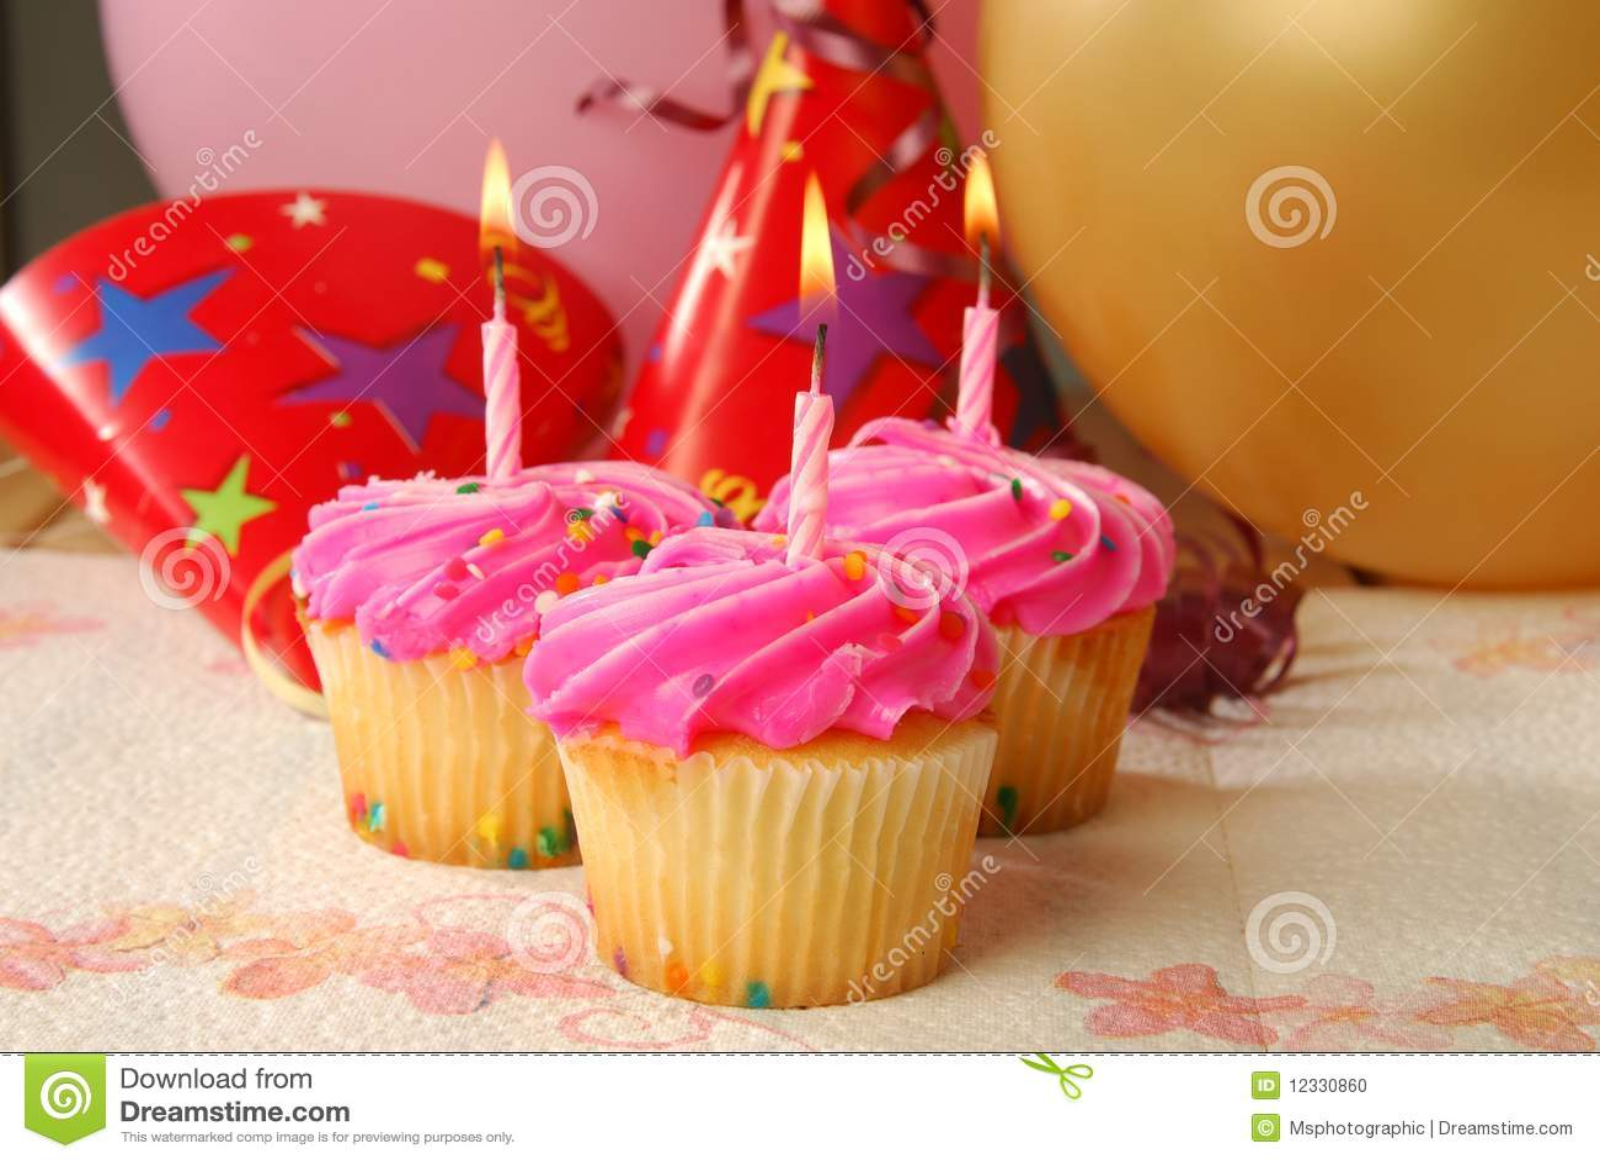 Urodzinowe babeczki trzy